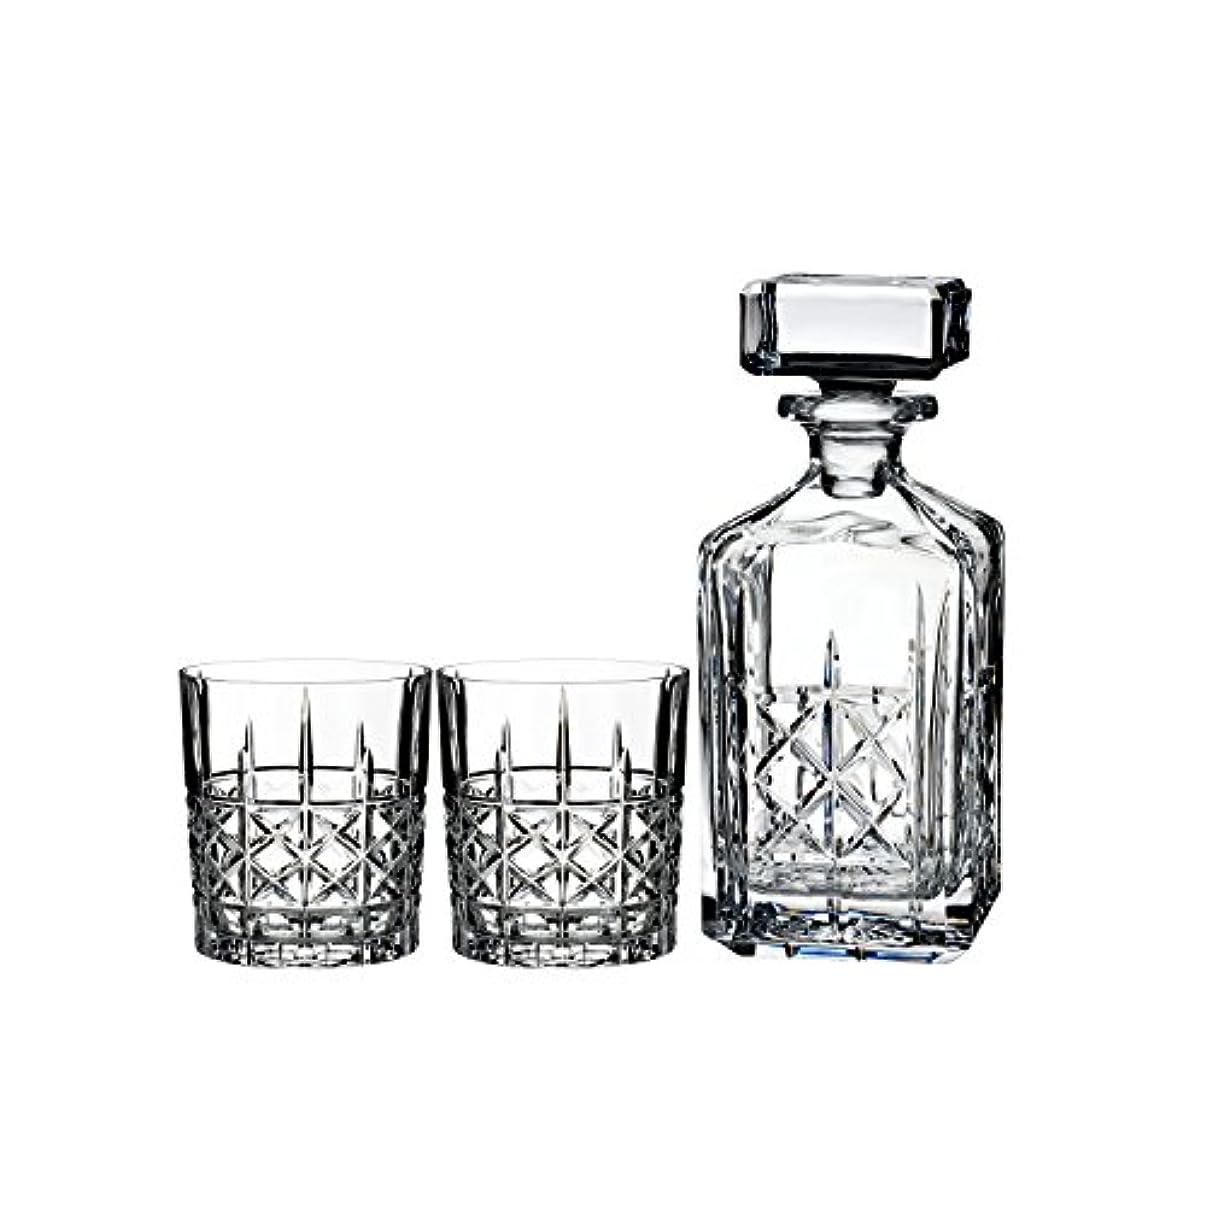 アーティキュレーション冒険家驚かすMarquis by Waterford Brady Decanter Set with Two Double Old Fashioned Glasses by Waterford